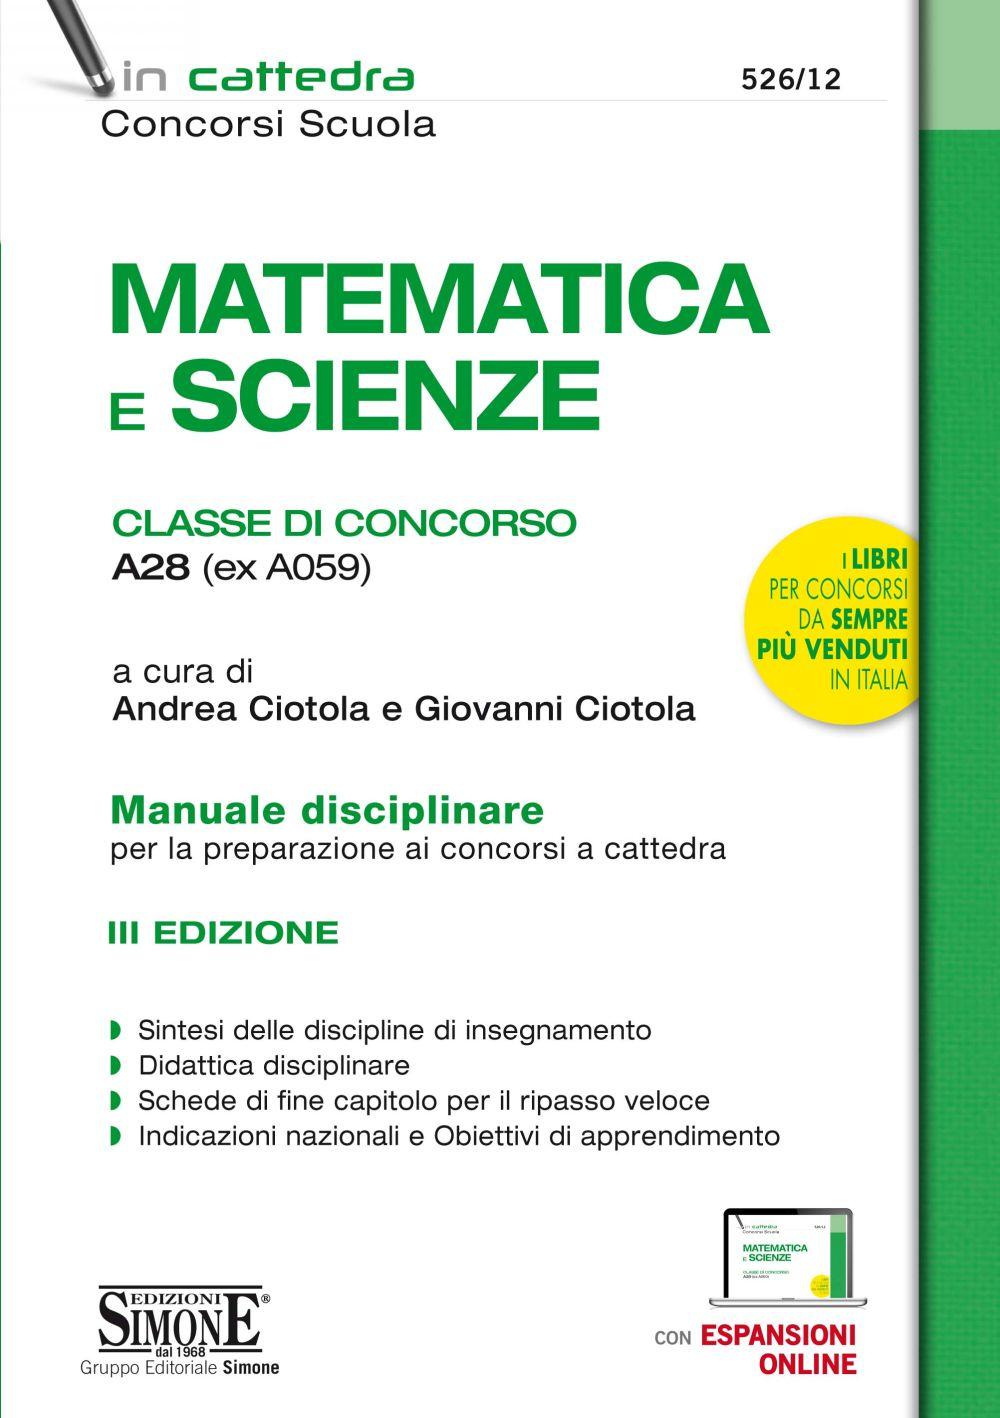 A28 Matematica e Scienze del concorso a cattedra